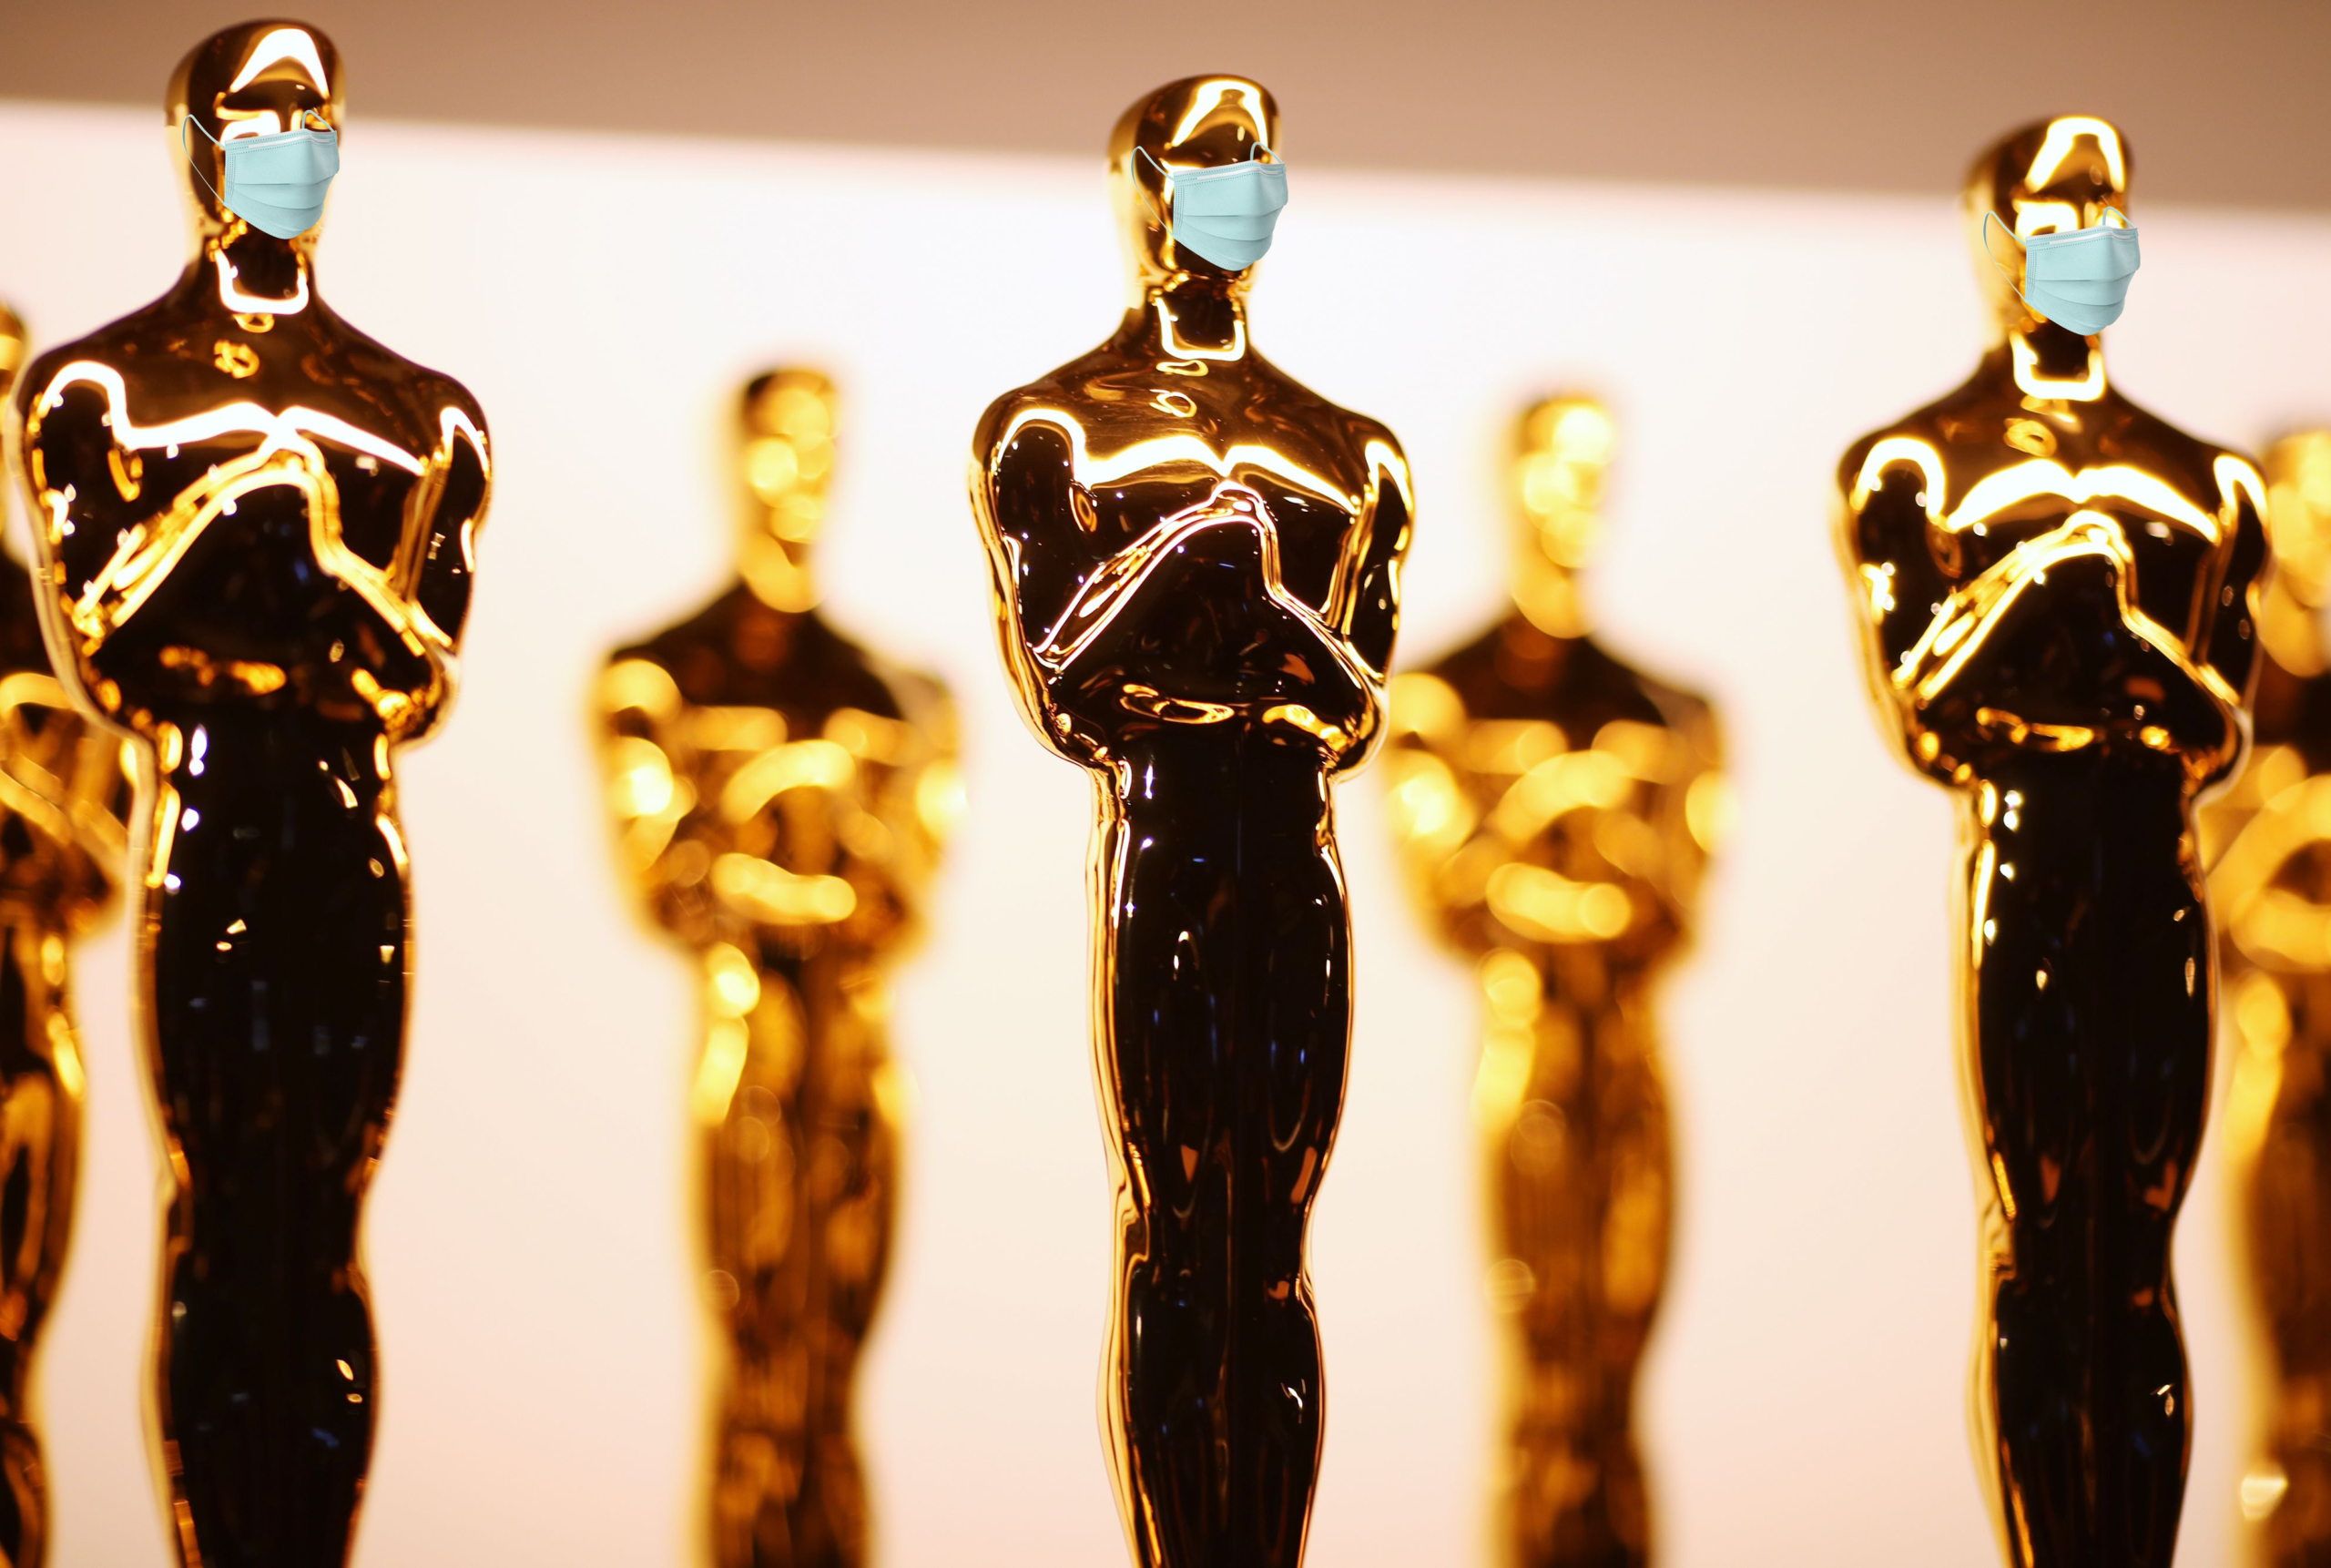 Oficial: Los Oscars se retrasarán dos meses el próximo año